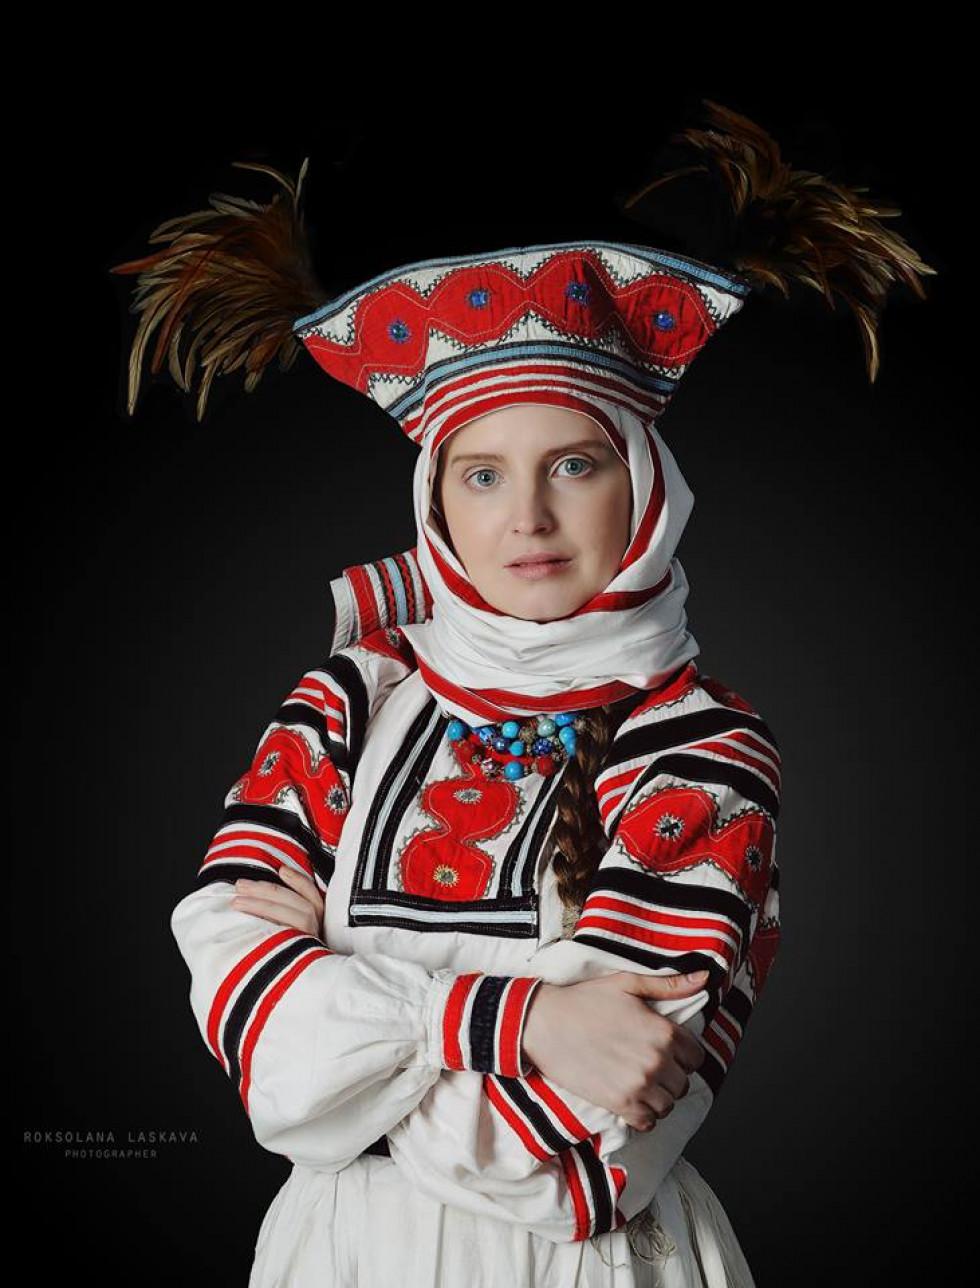 """Старовинний обрядовий стрій Волинського Полісся, Ратнівського району (кінець XIX-початок XX століття). Так званий костюм """"свахи"""" (в народі """"свашки"""") жінки одягали на весілля"""